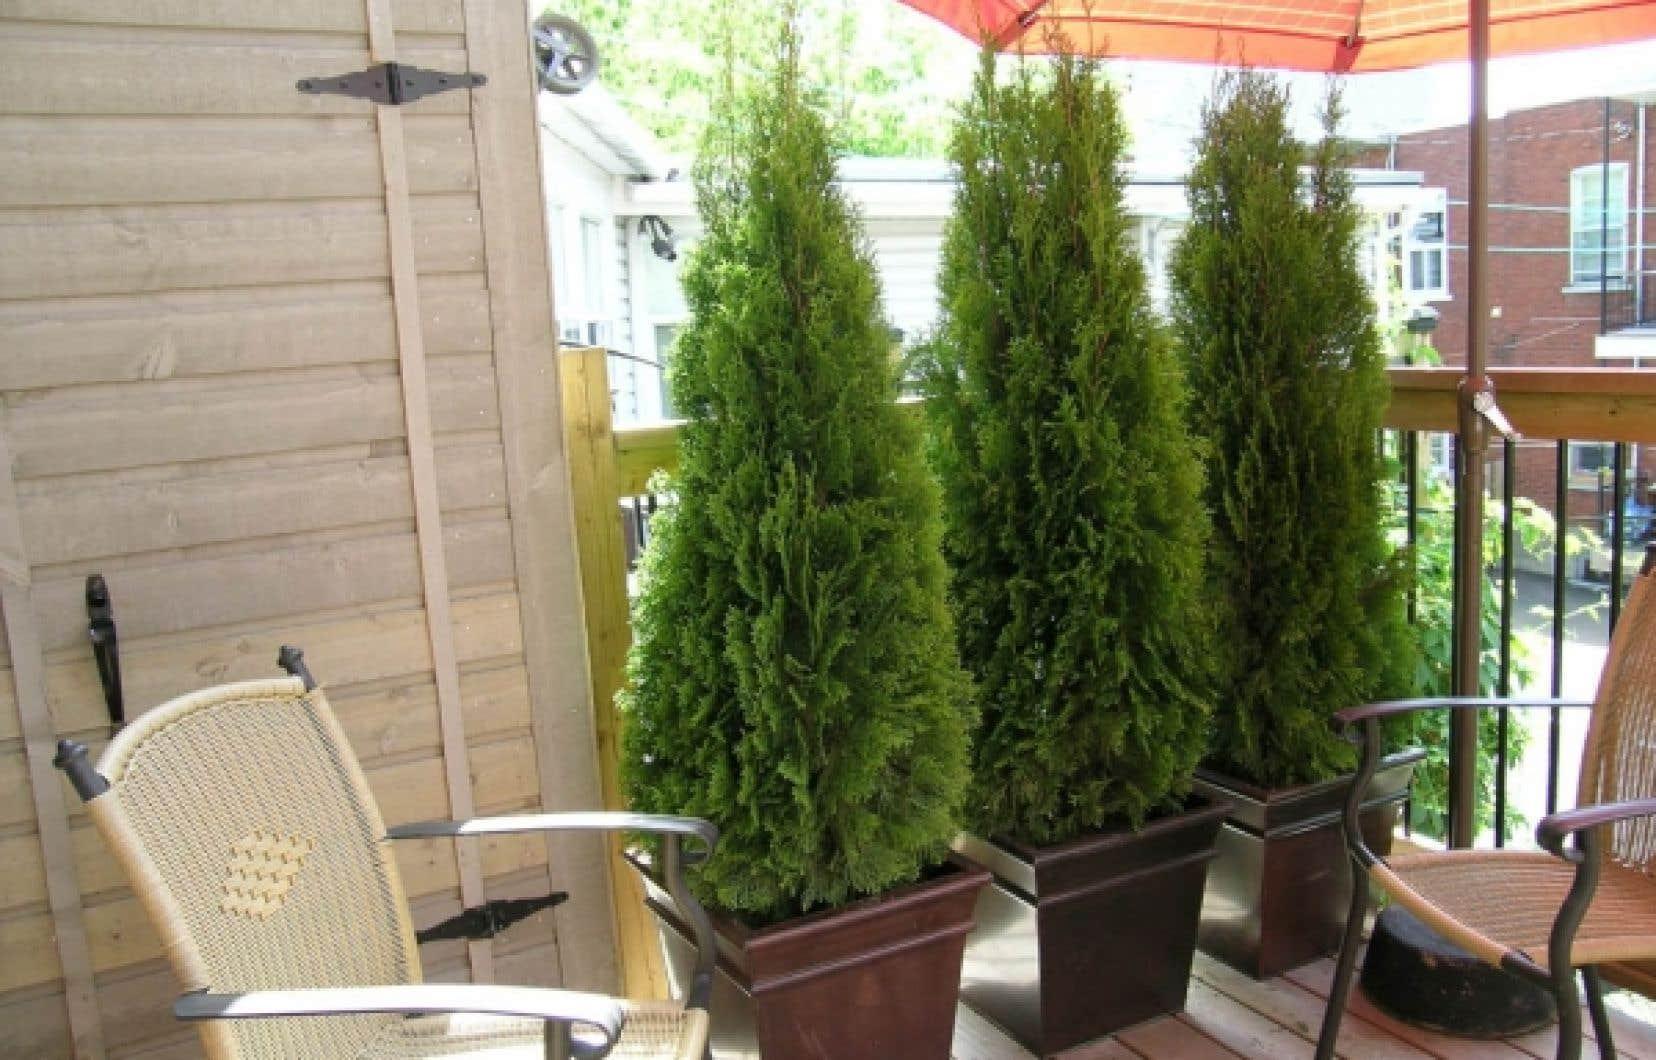 Arbre En Pot Terrasse un balcon tout vert | le devoir